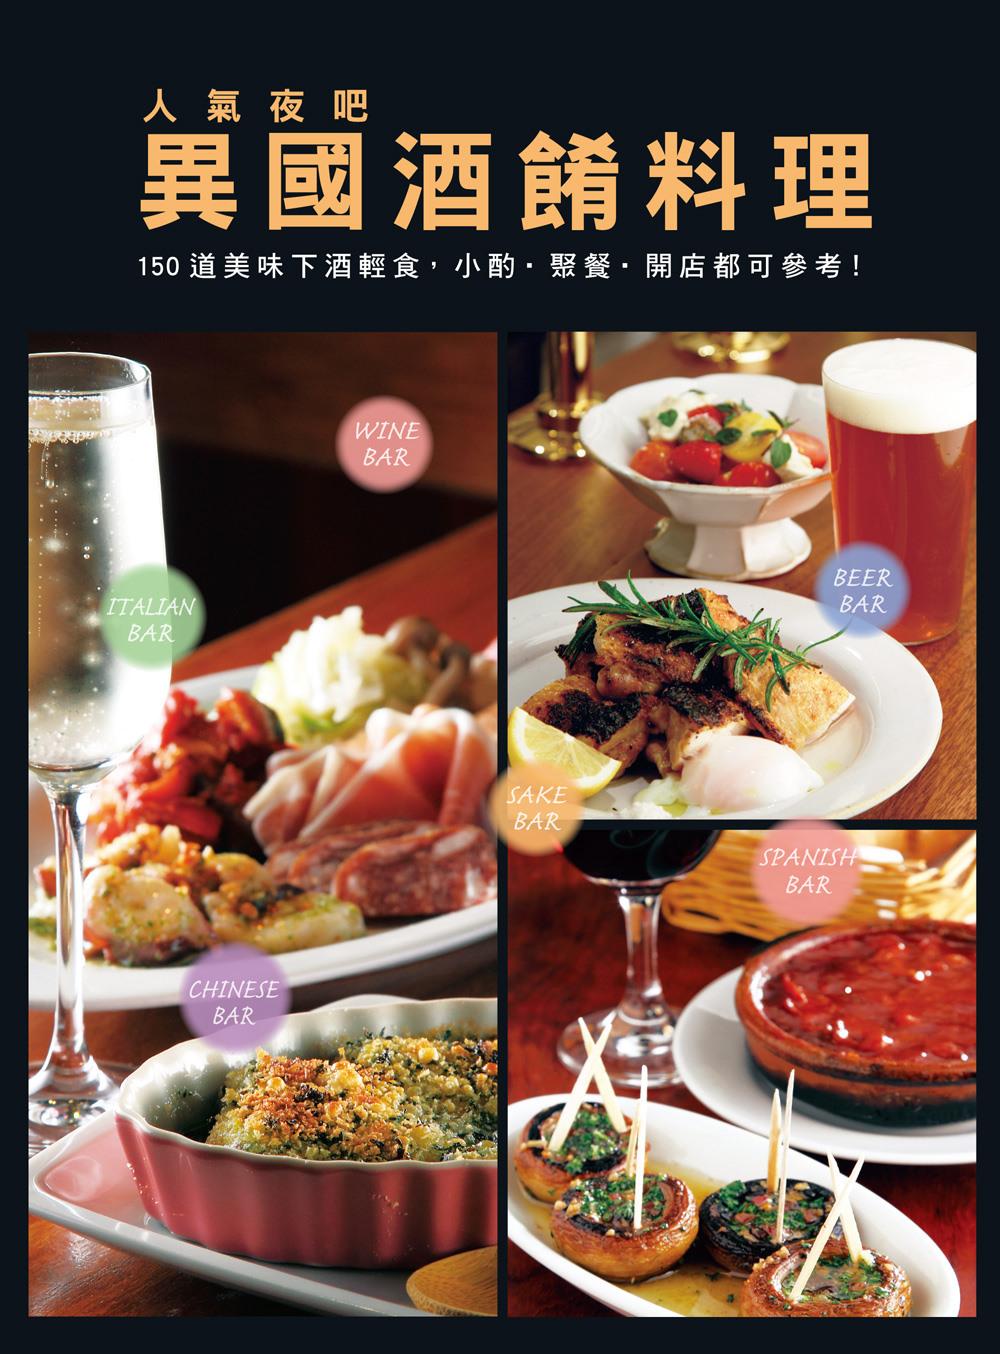 人氣夜吧 異國酒餚料理:150道美味下酒輕食,小酌.聚餐.開店都可參考!